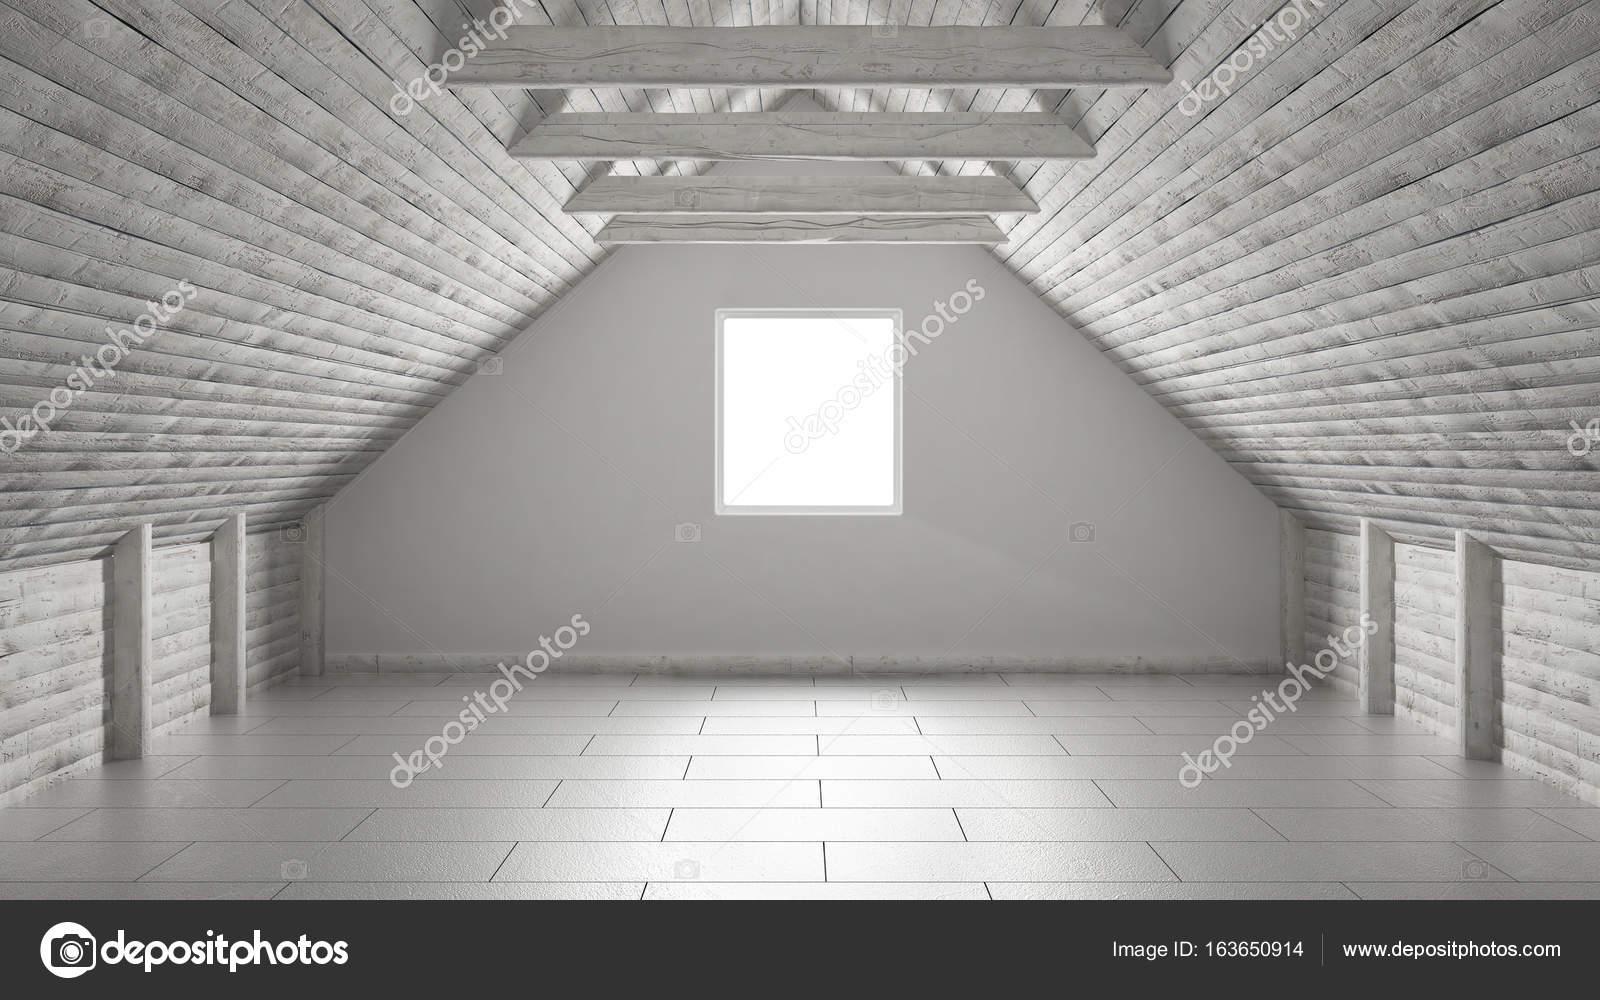 Lege ruimte mezzanine loft dak architectuur interieurontwerp